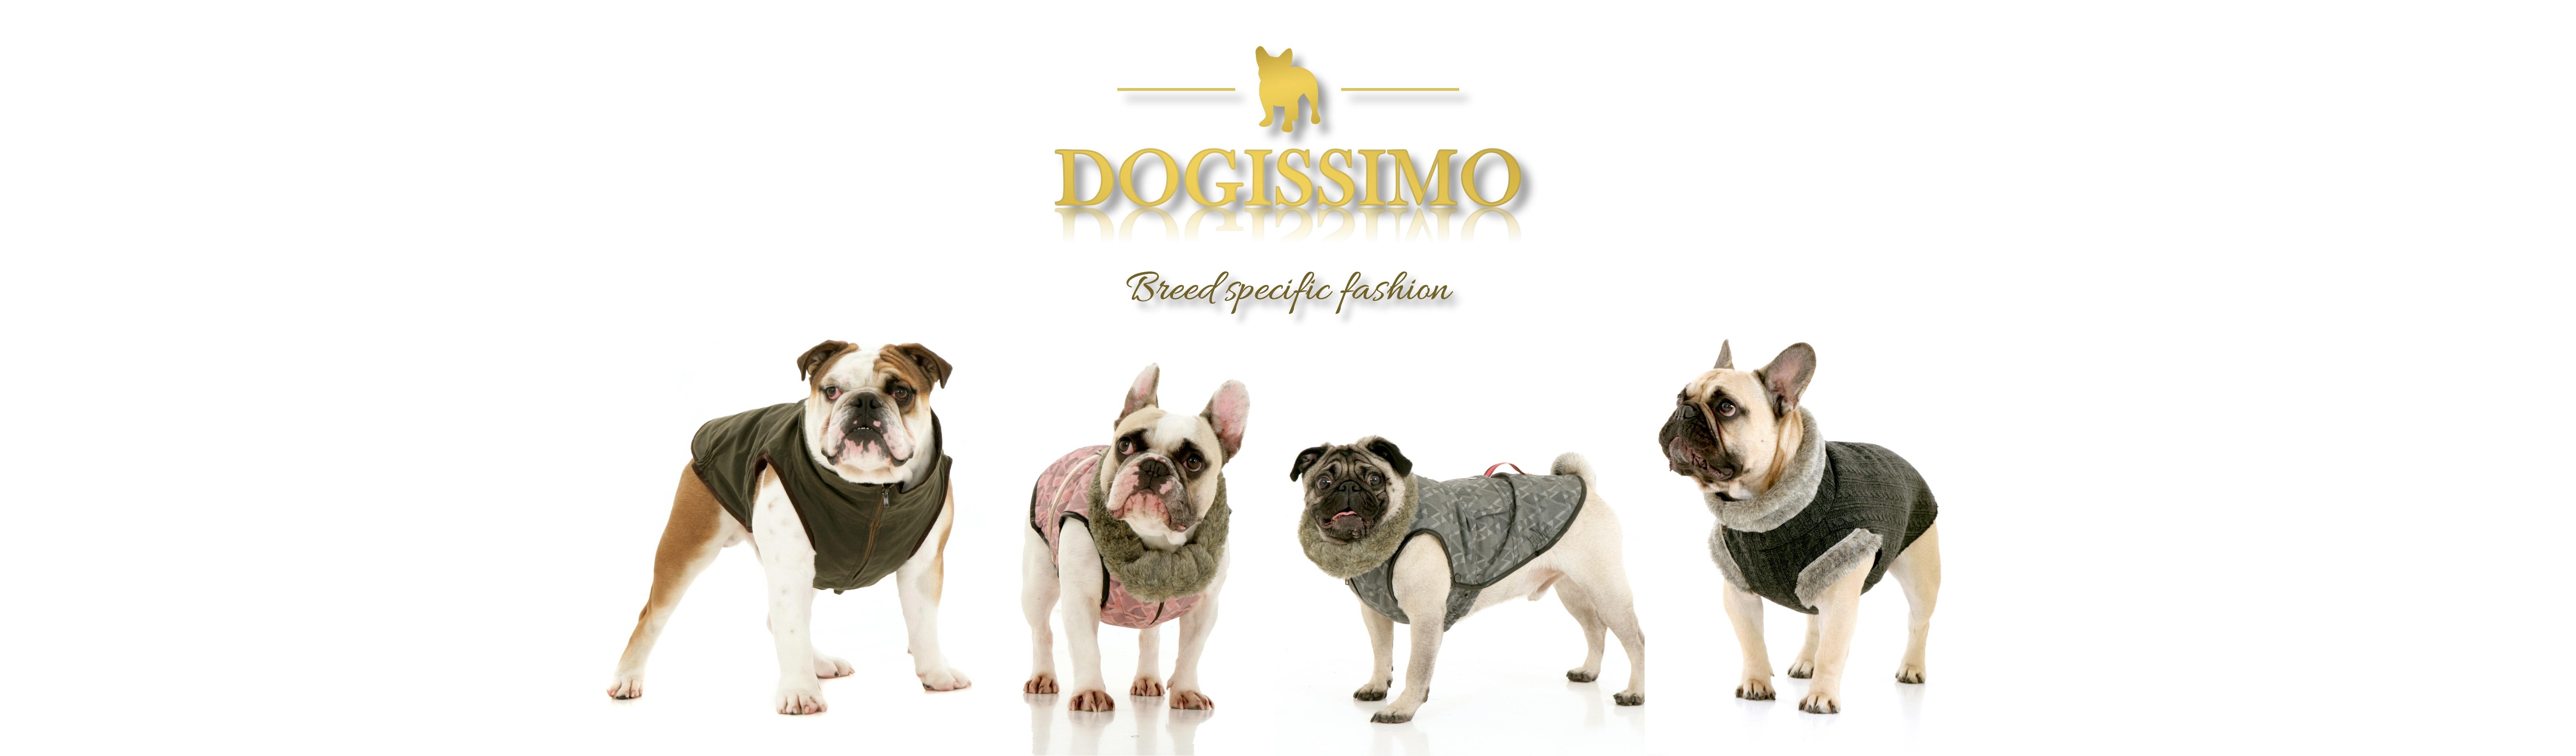 Dogaholic-Dogissimo-Slider